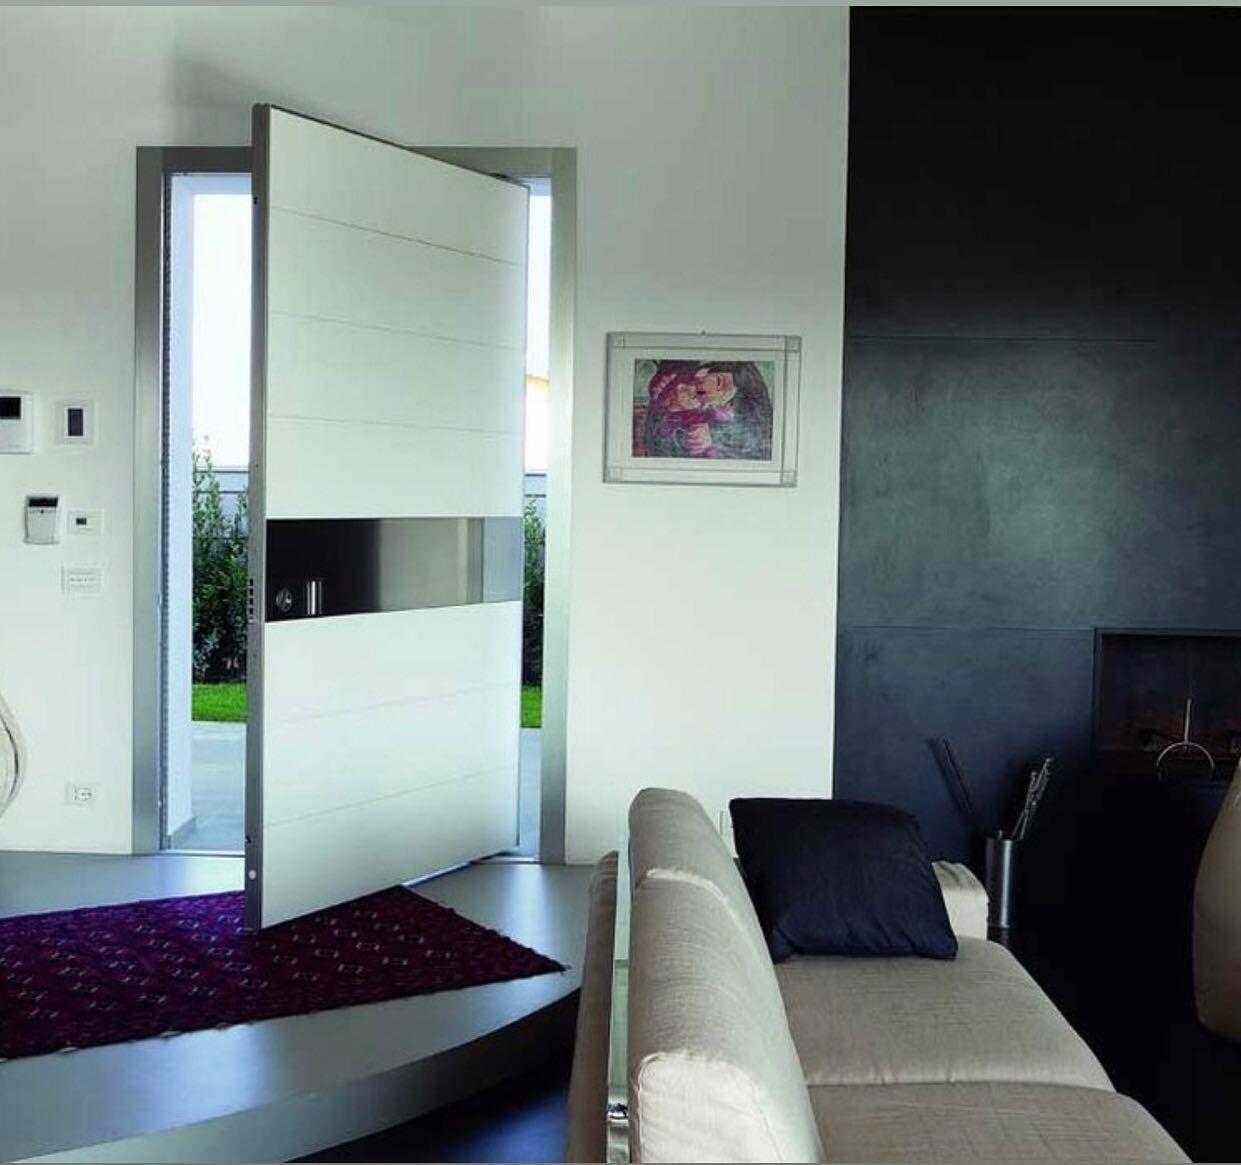 تصويري واجهات ابواب ديكور مطابخ المنيوم الكويت السعوديه قطر بحرين ابداعات Modern Entry Door Contemporary Front Doors Modern Exterior Doors